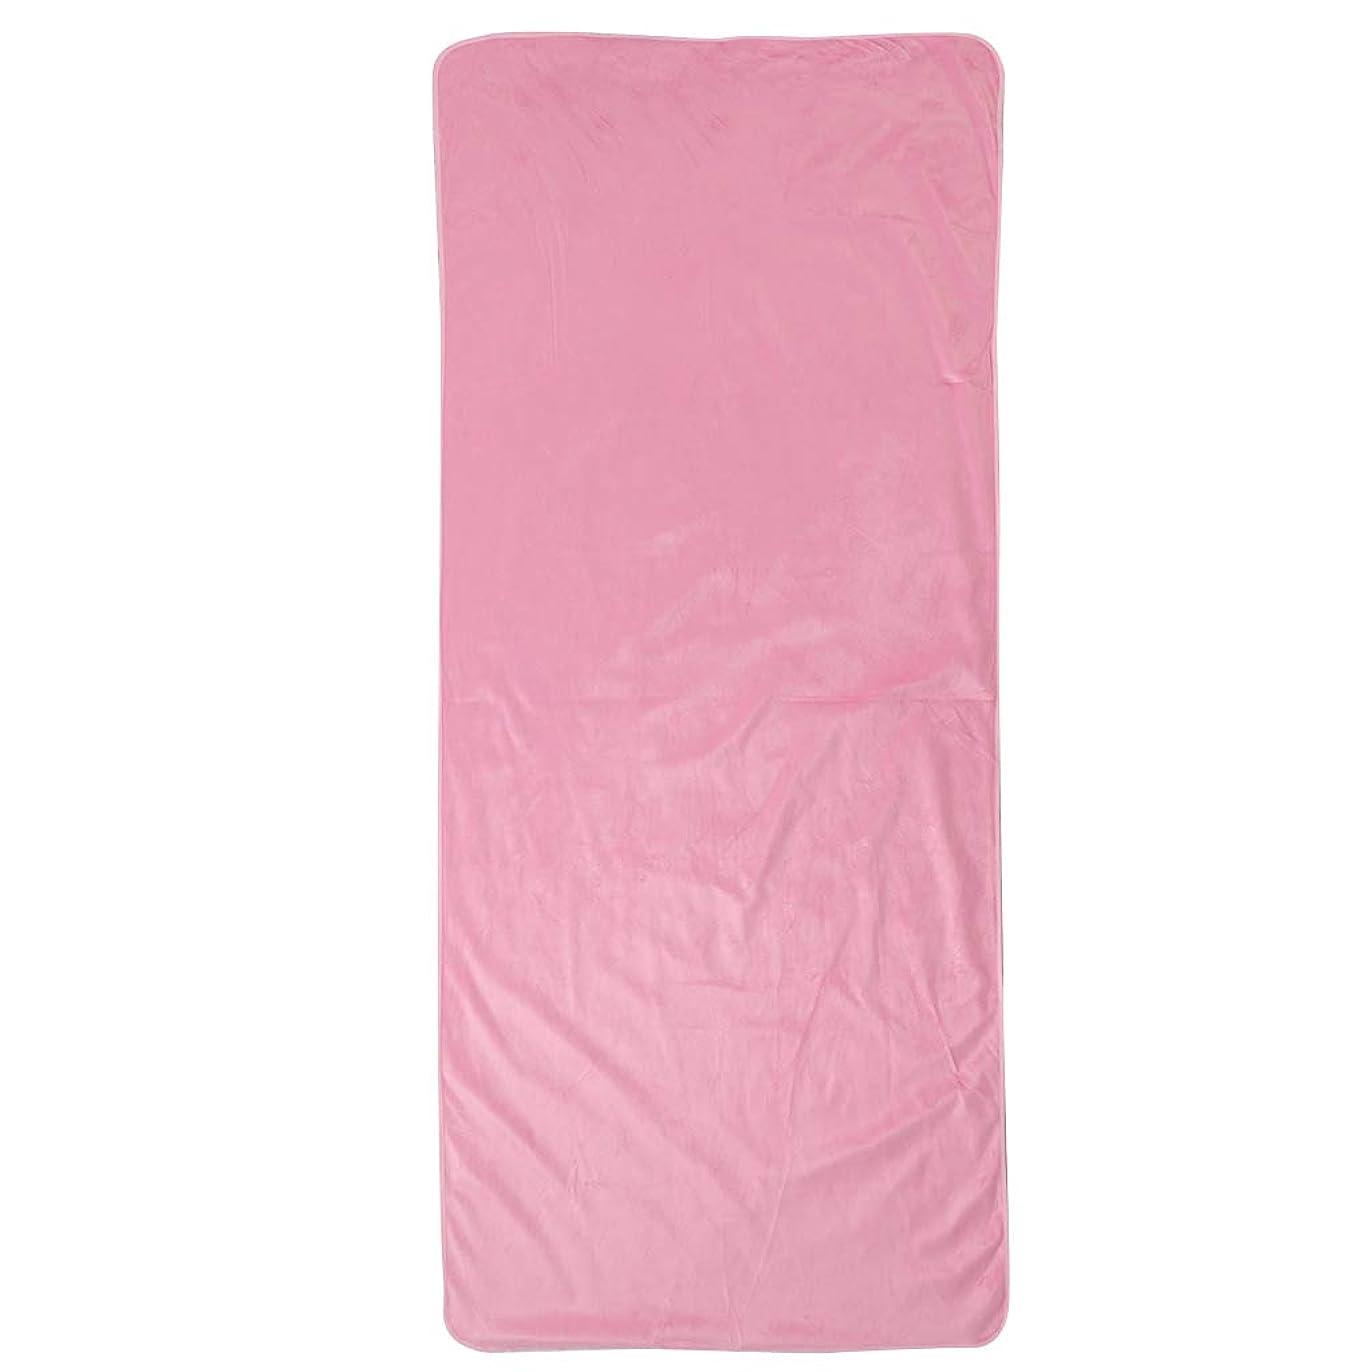 ゆり前兆薄めるFLAMEER マッサージベッドカバー スパ 美容ベッド エステベッドシーツ 通気性 快適